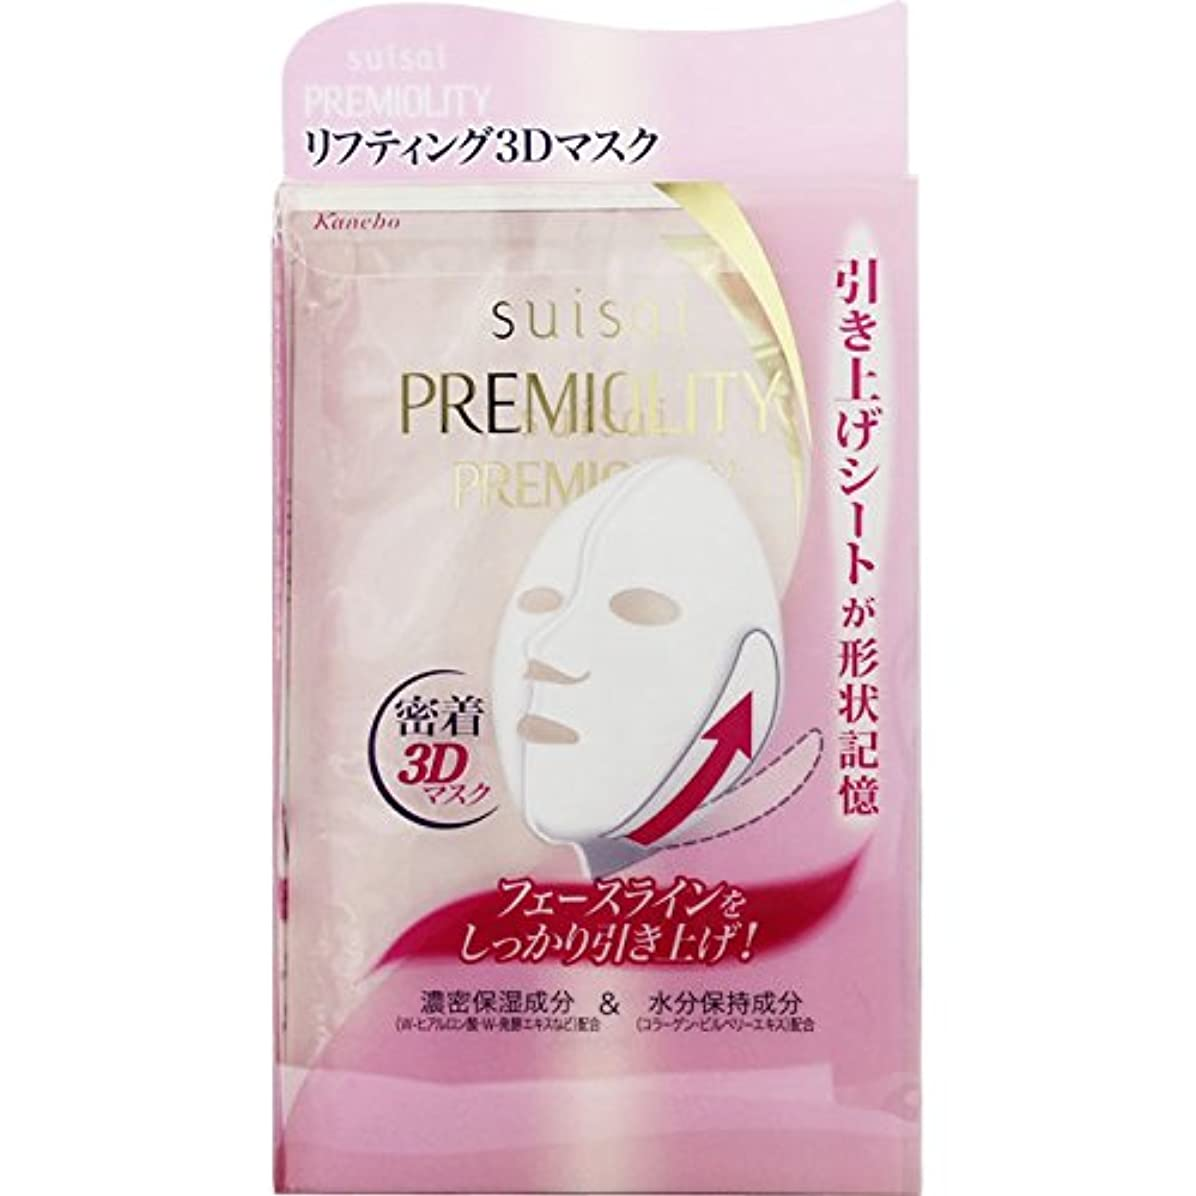 強いますアスペクト長いですカネボウ suisai プレミオリティ リフトモイスチャー3Dマスク